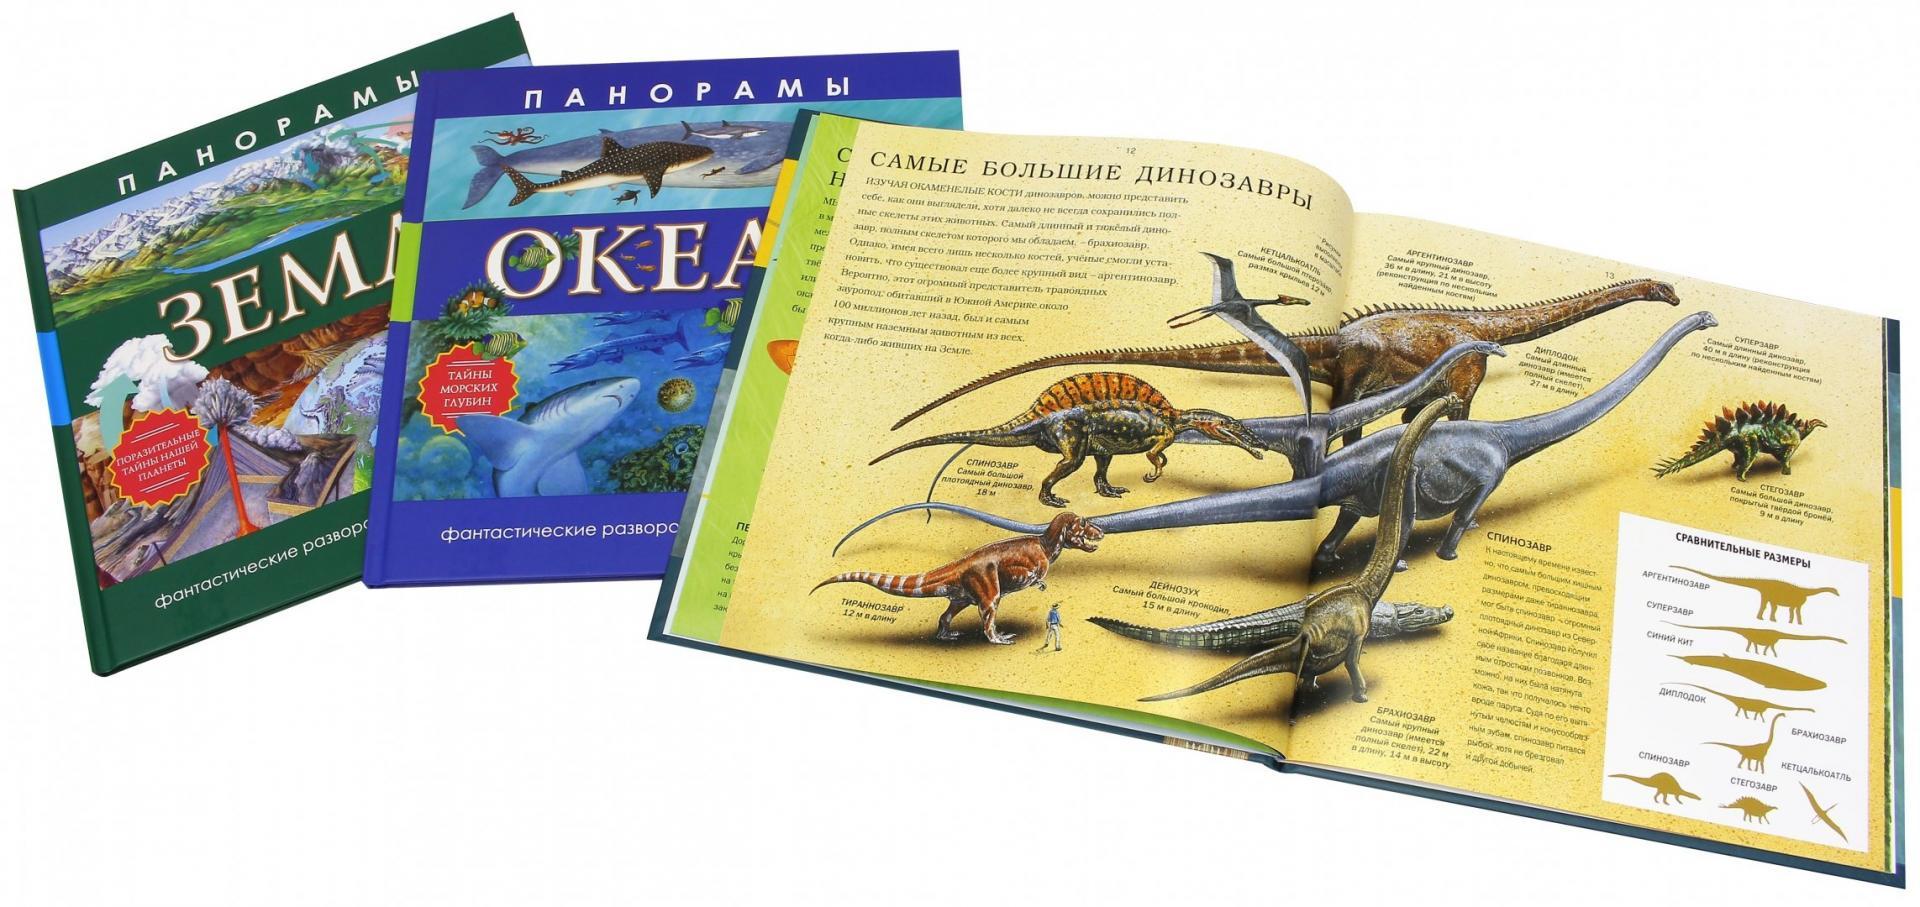 Иллюстрация 1 из 14 для Всё о Земле и океане. Комплект из 3-х книг   Лабиринт - книги. Источник: Лабиринт